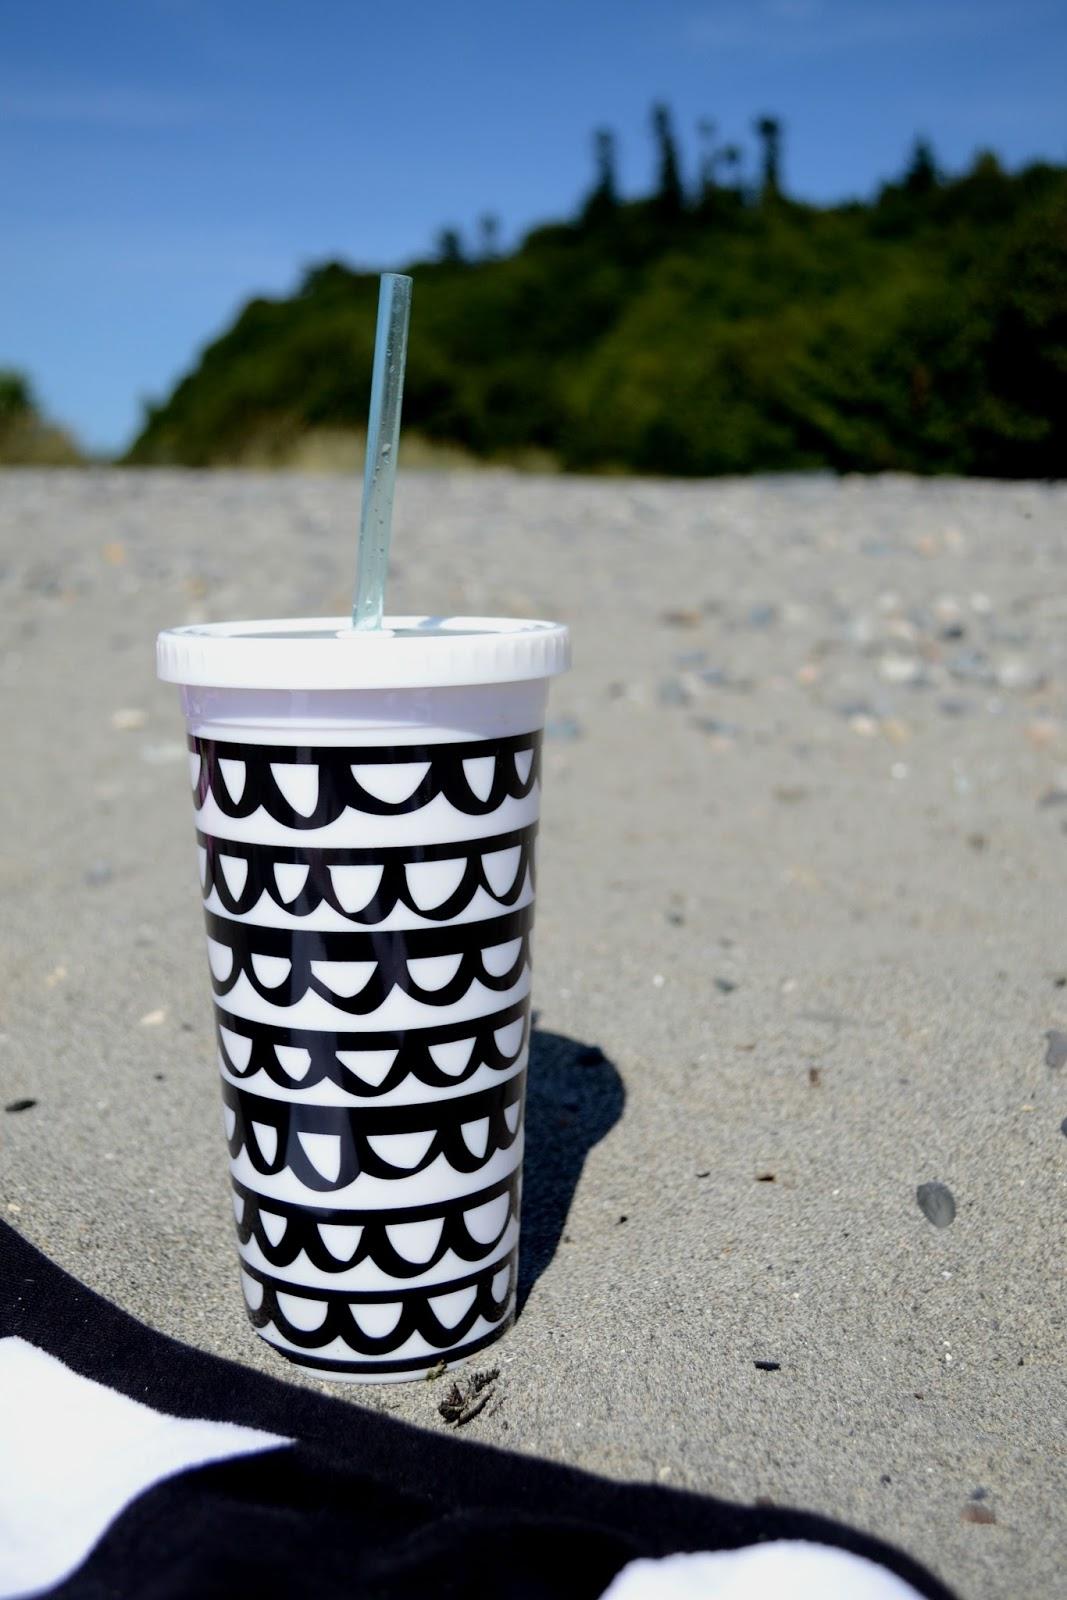 beach, sandy, Ban.do, travel cup, black, white, summer